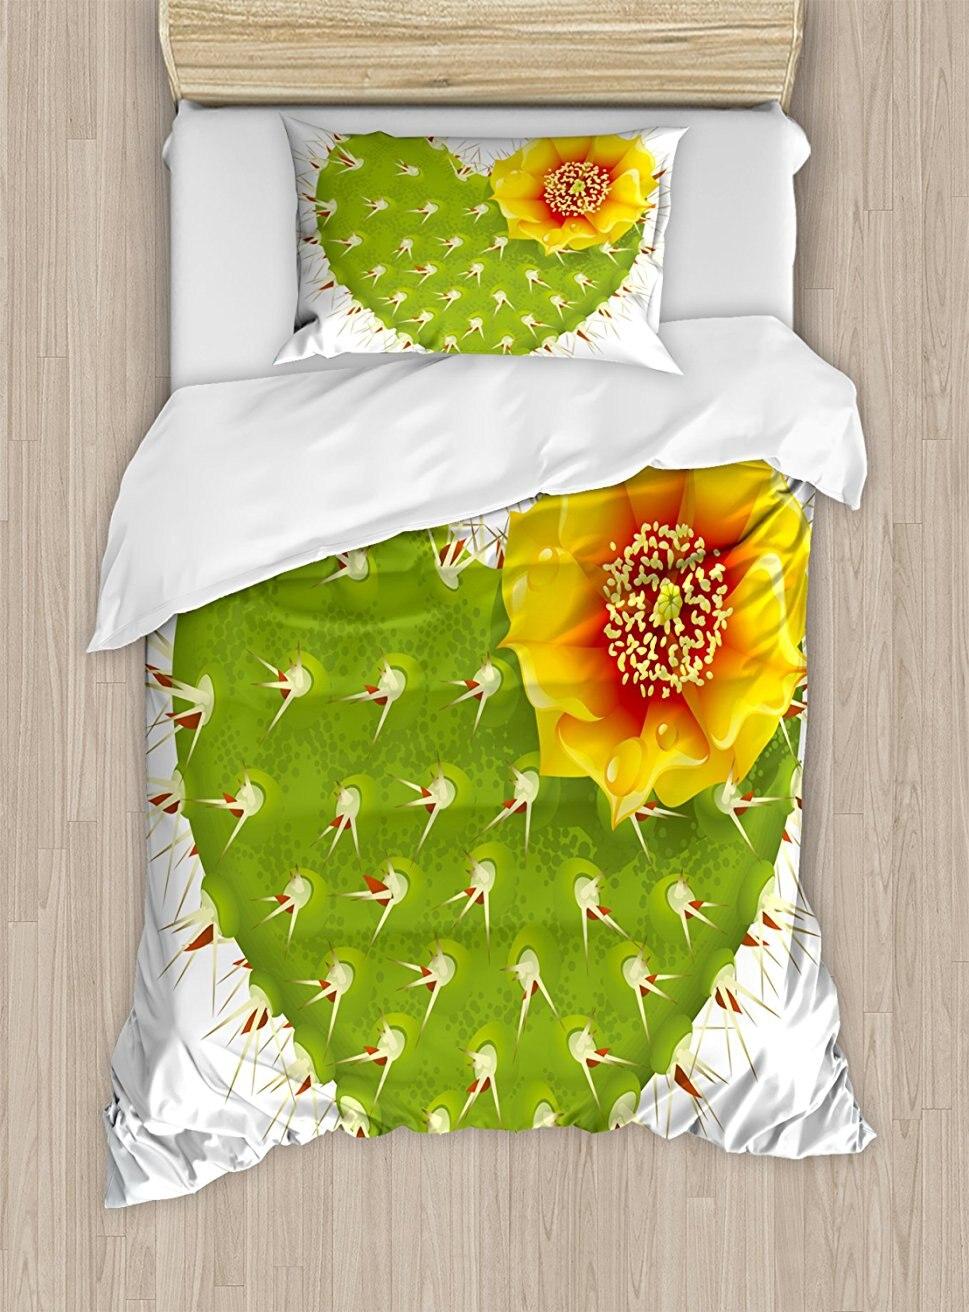 Кактус постельное белье, колючие Кактус в Форма сердца и желтый цветок с опунции шипы, 4 шт. Постельное белье